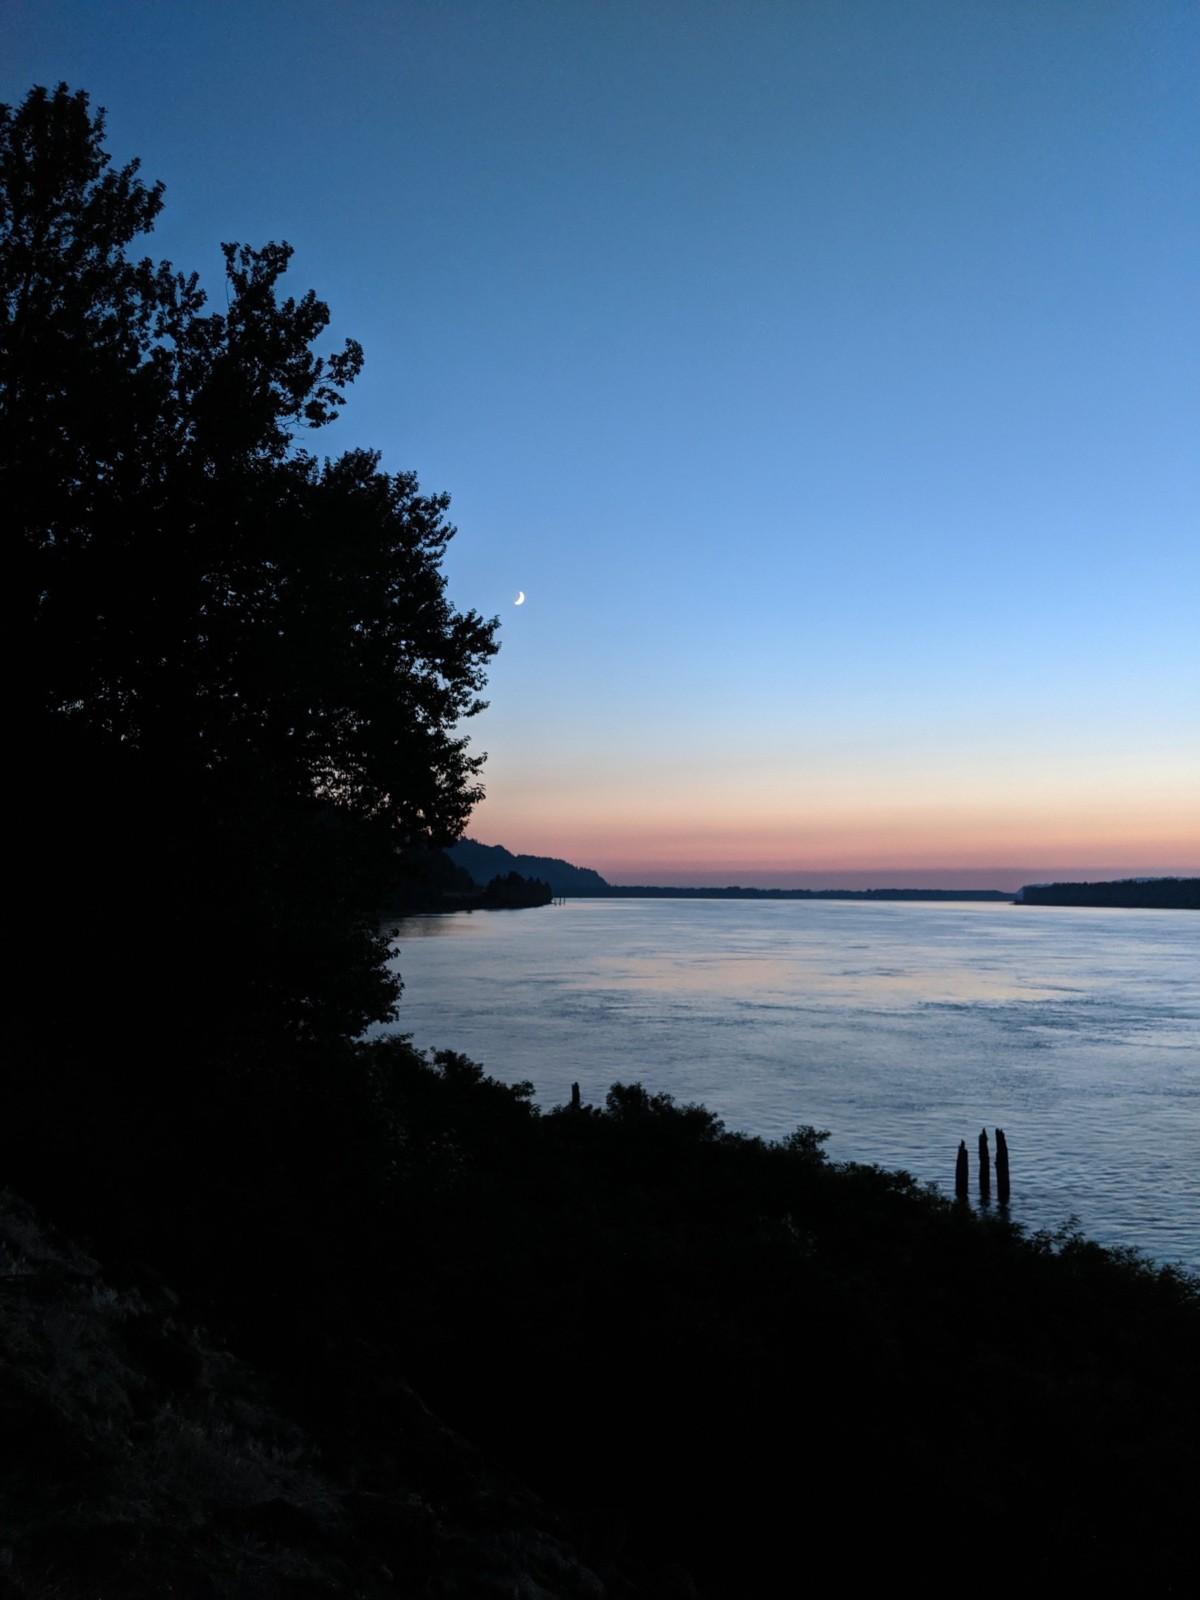 Corbett View Point